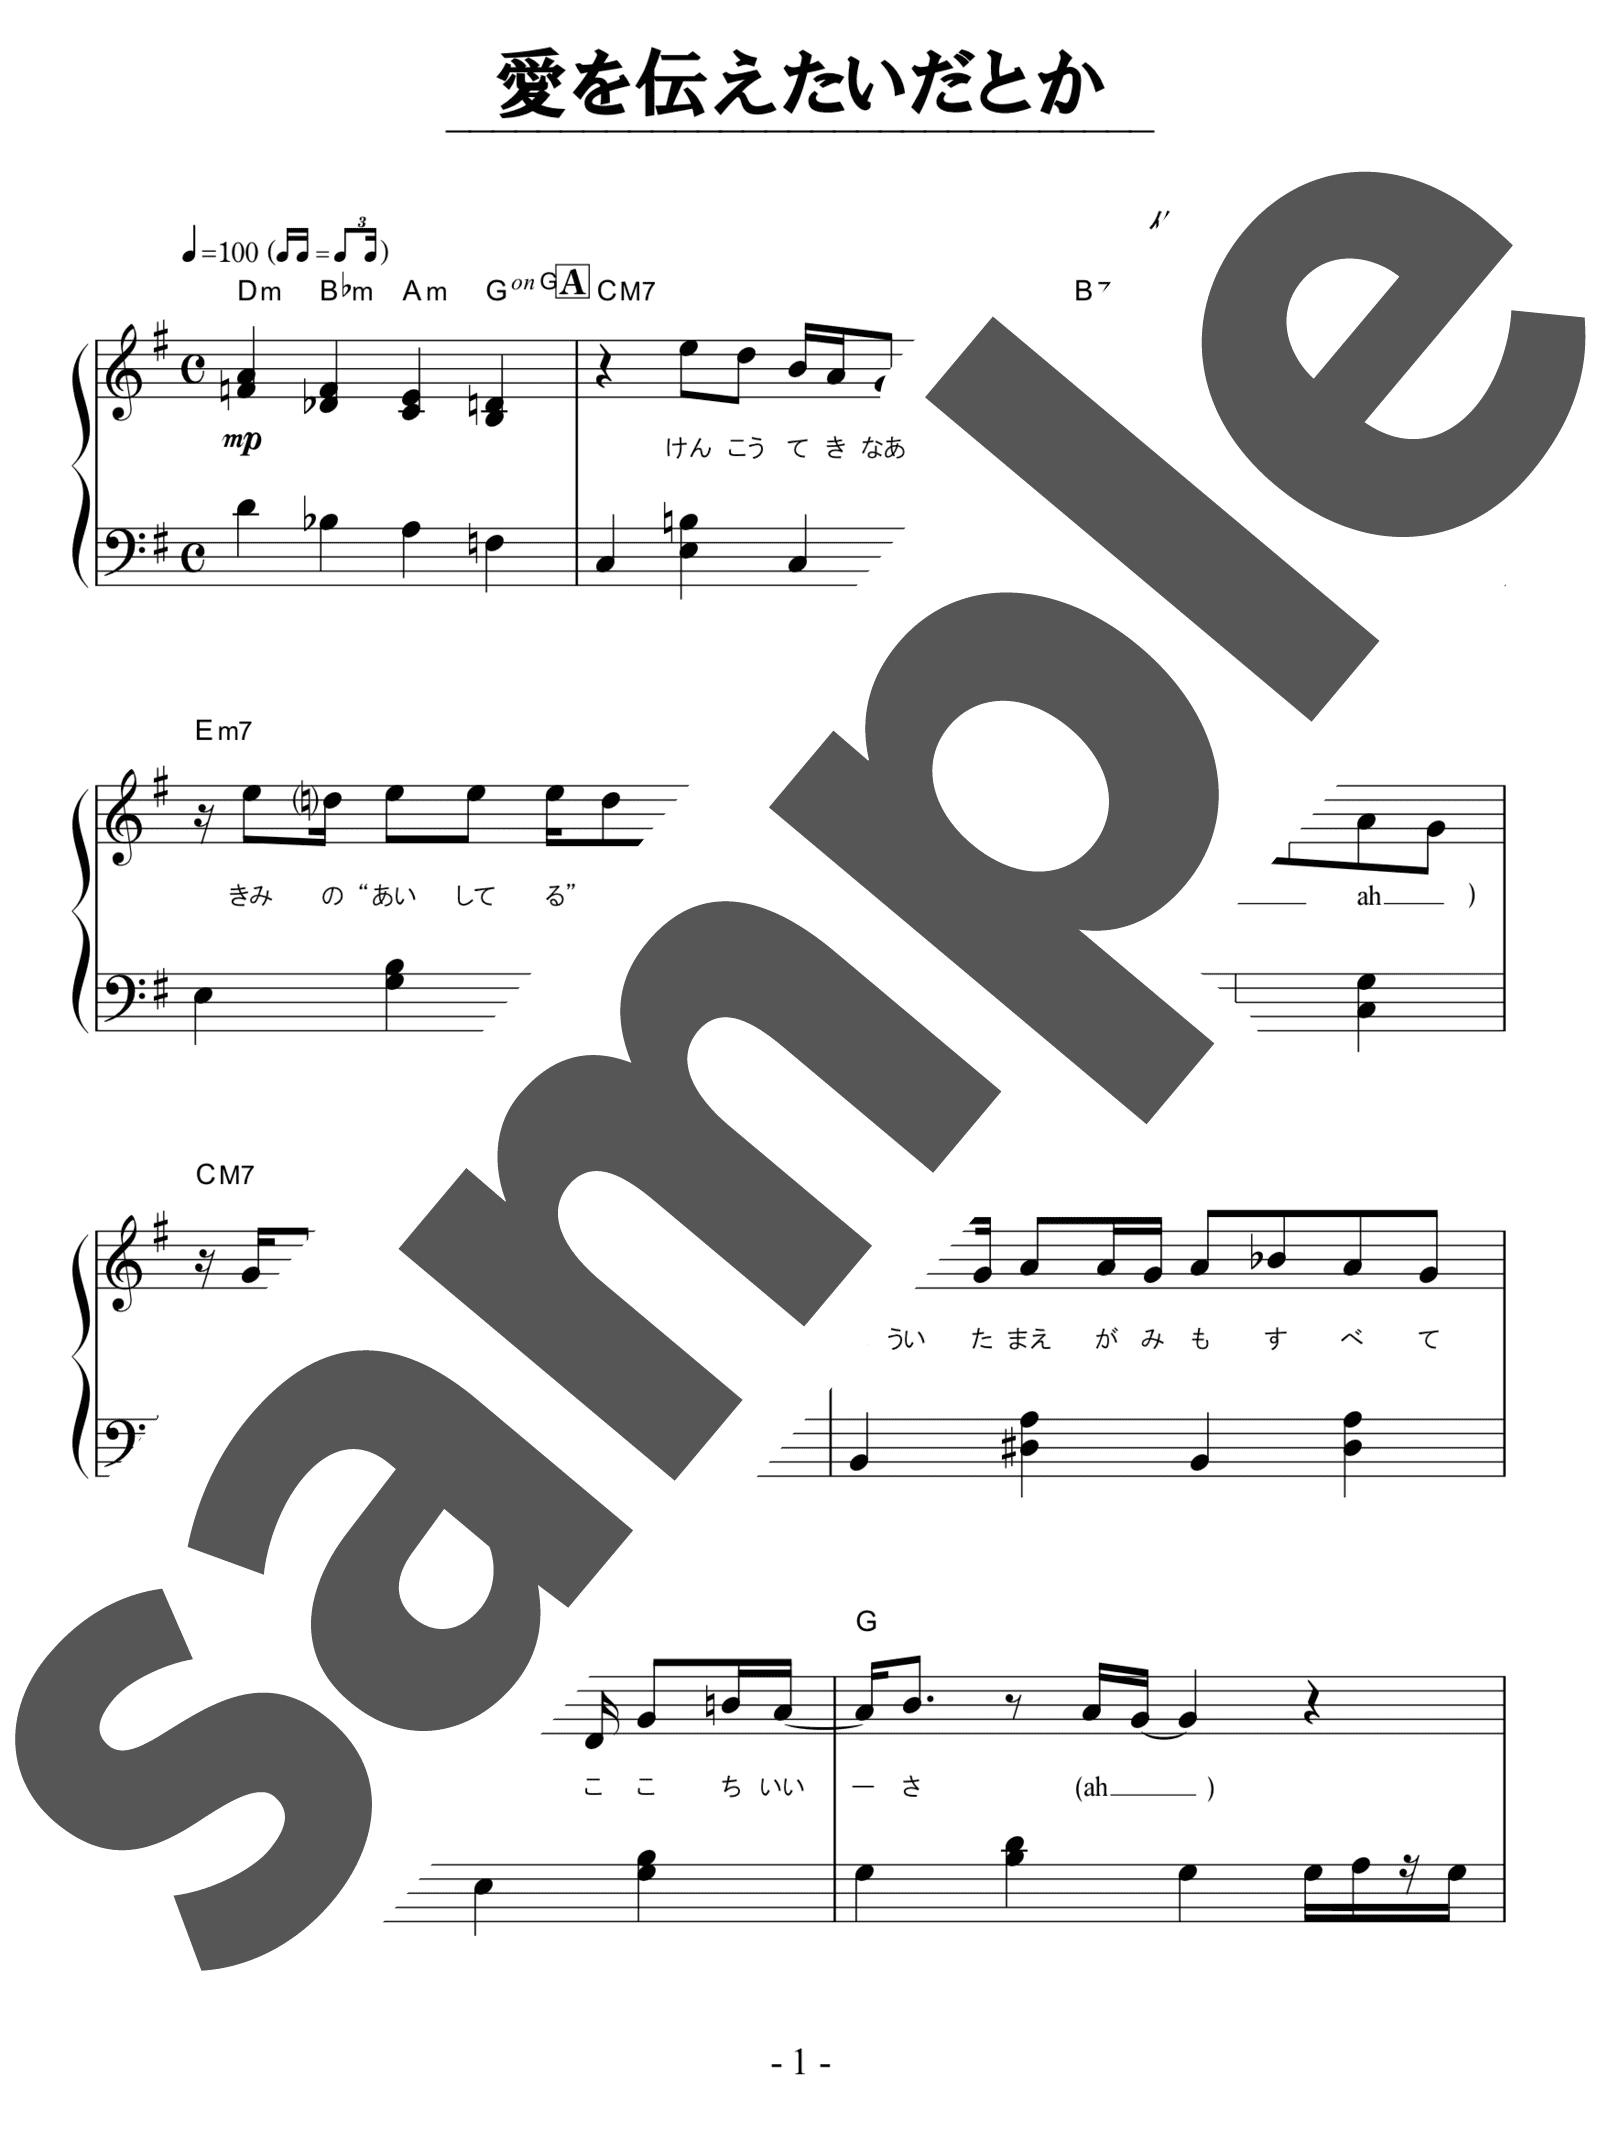 「愛を伝えたいだとか」のサンプル楽譜